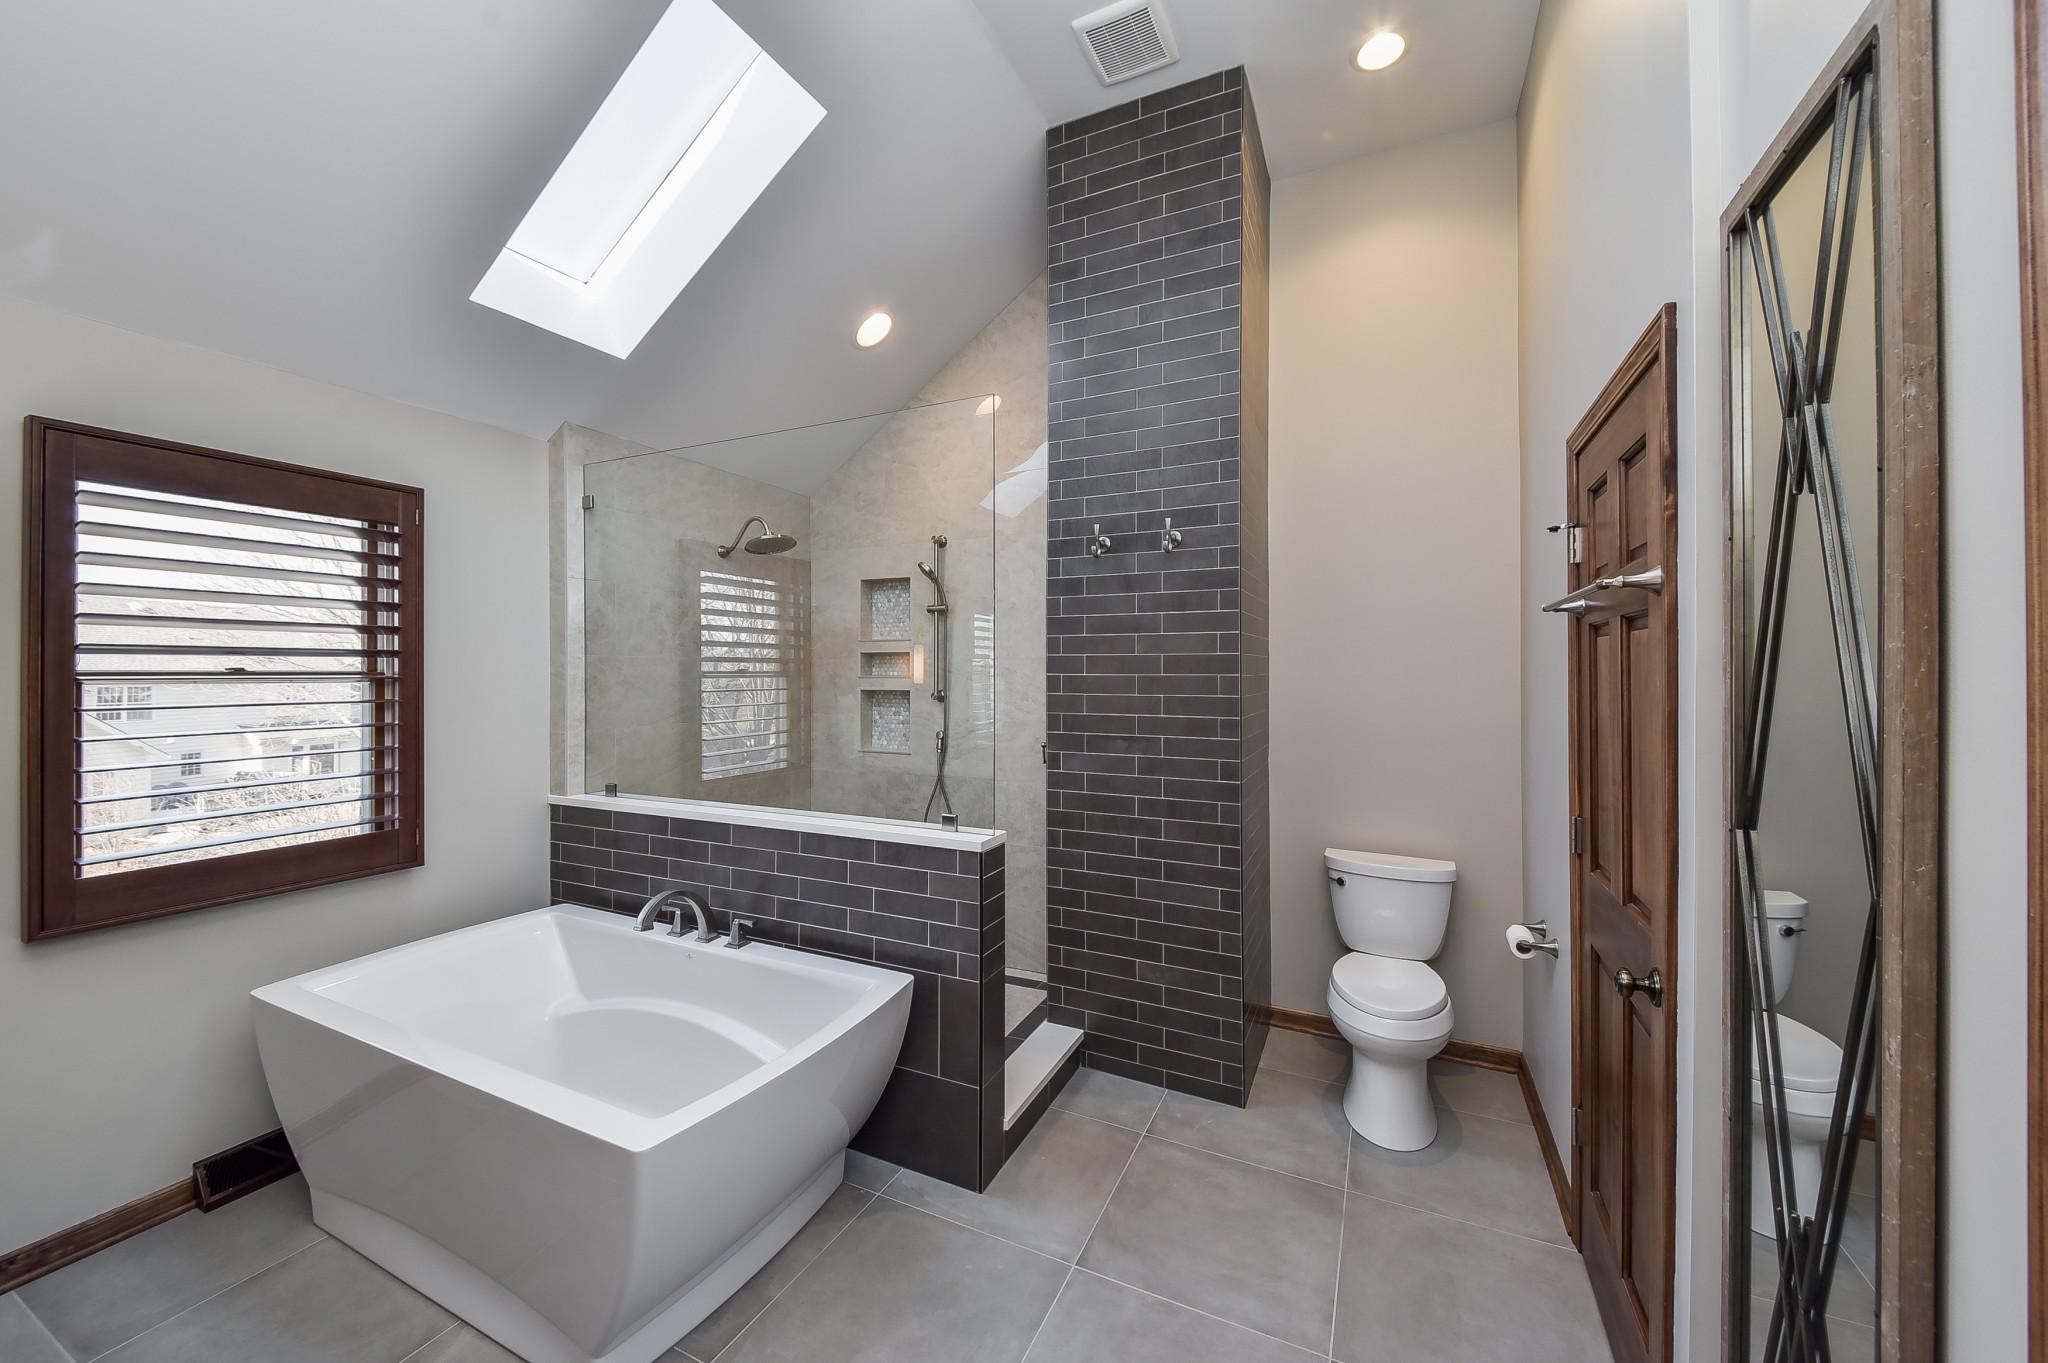 14 Bathroom Design Trends For 2021 Home Remodeling Contractors Sebring Design Build